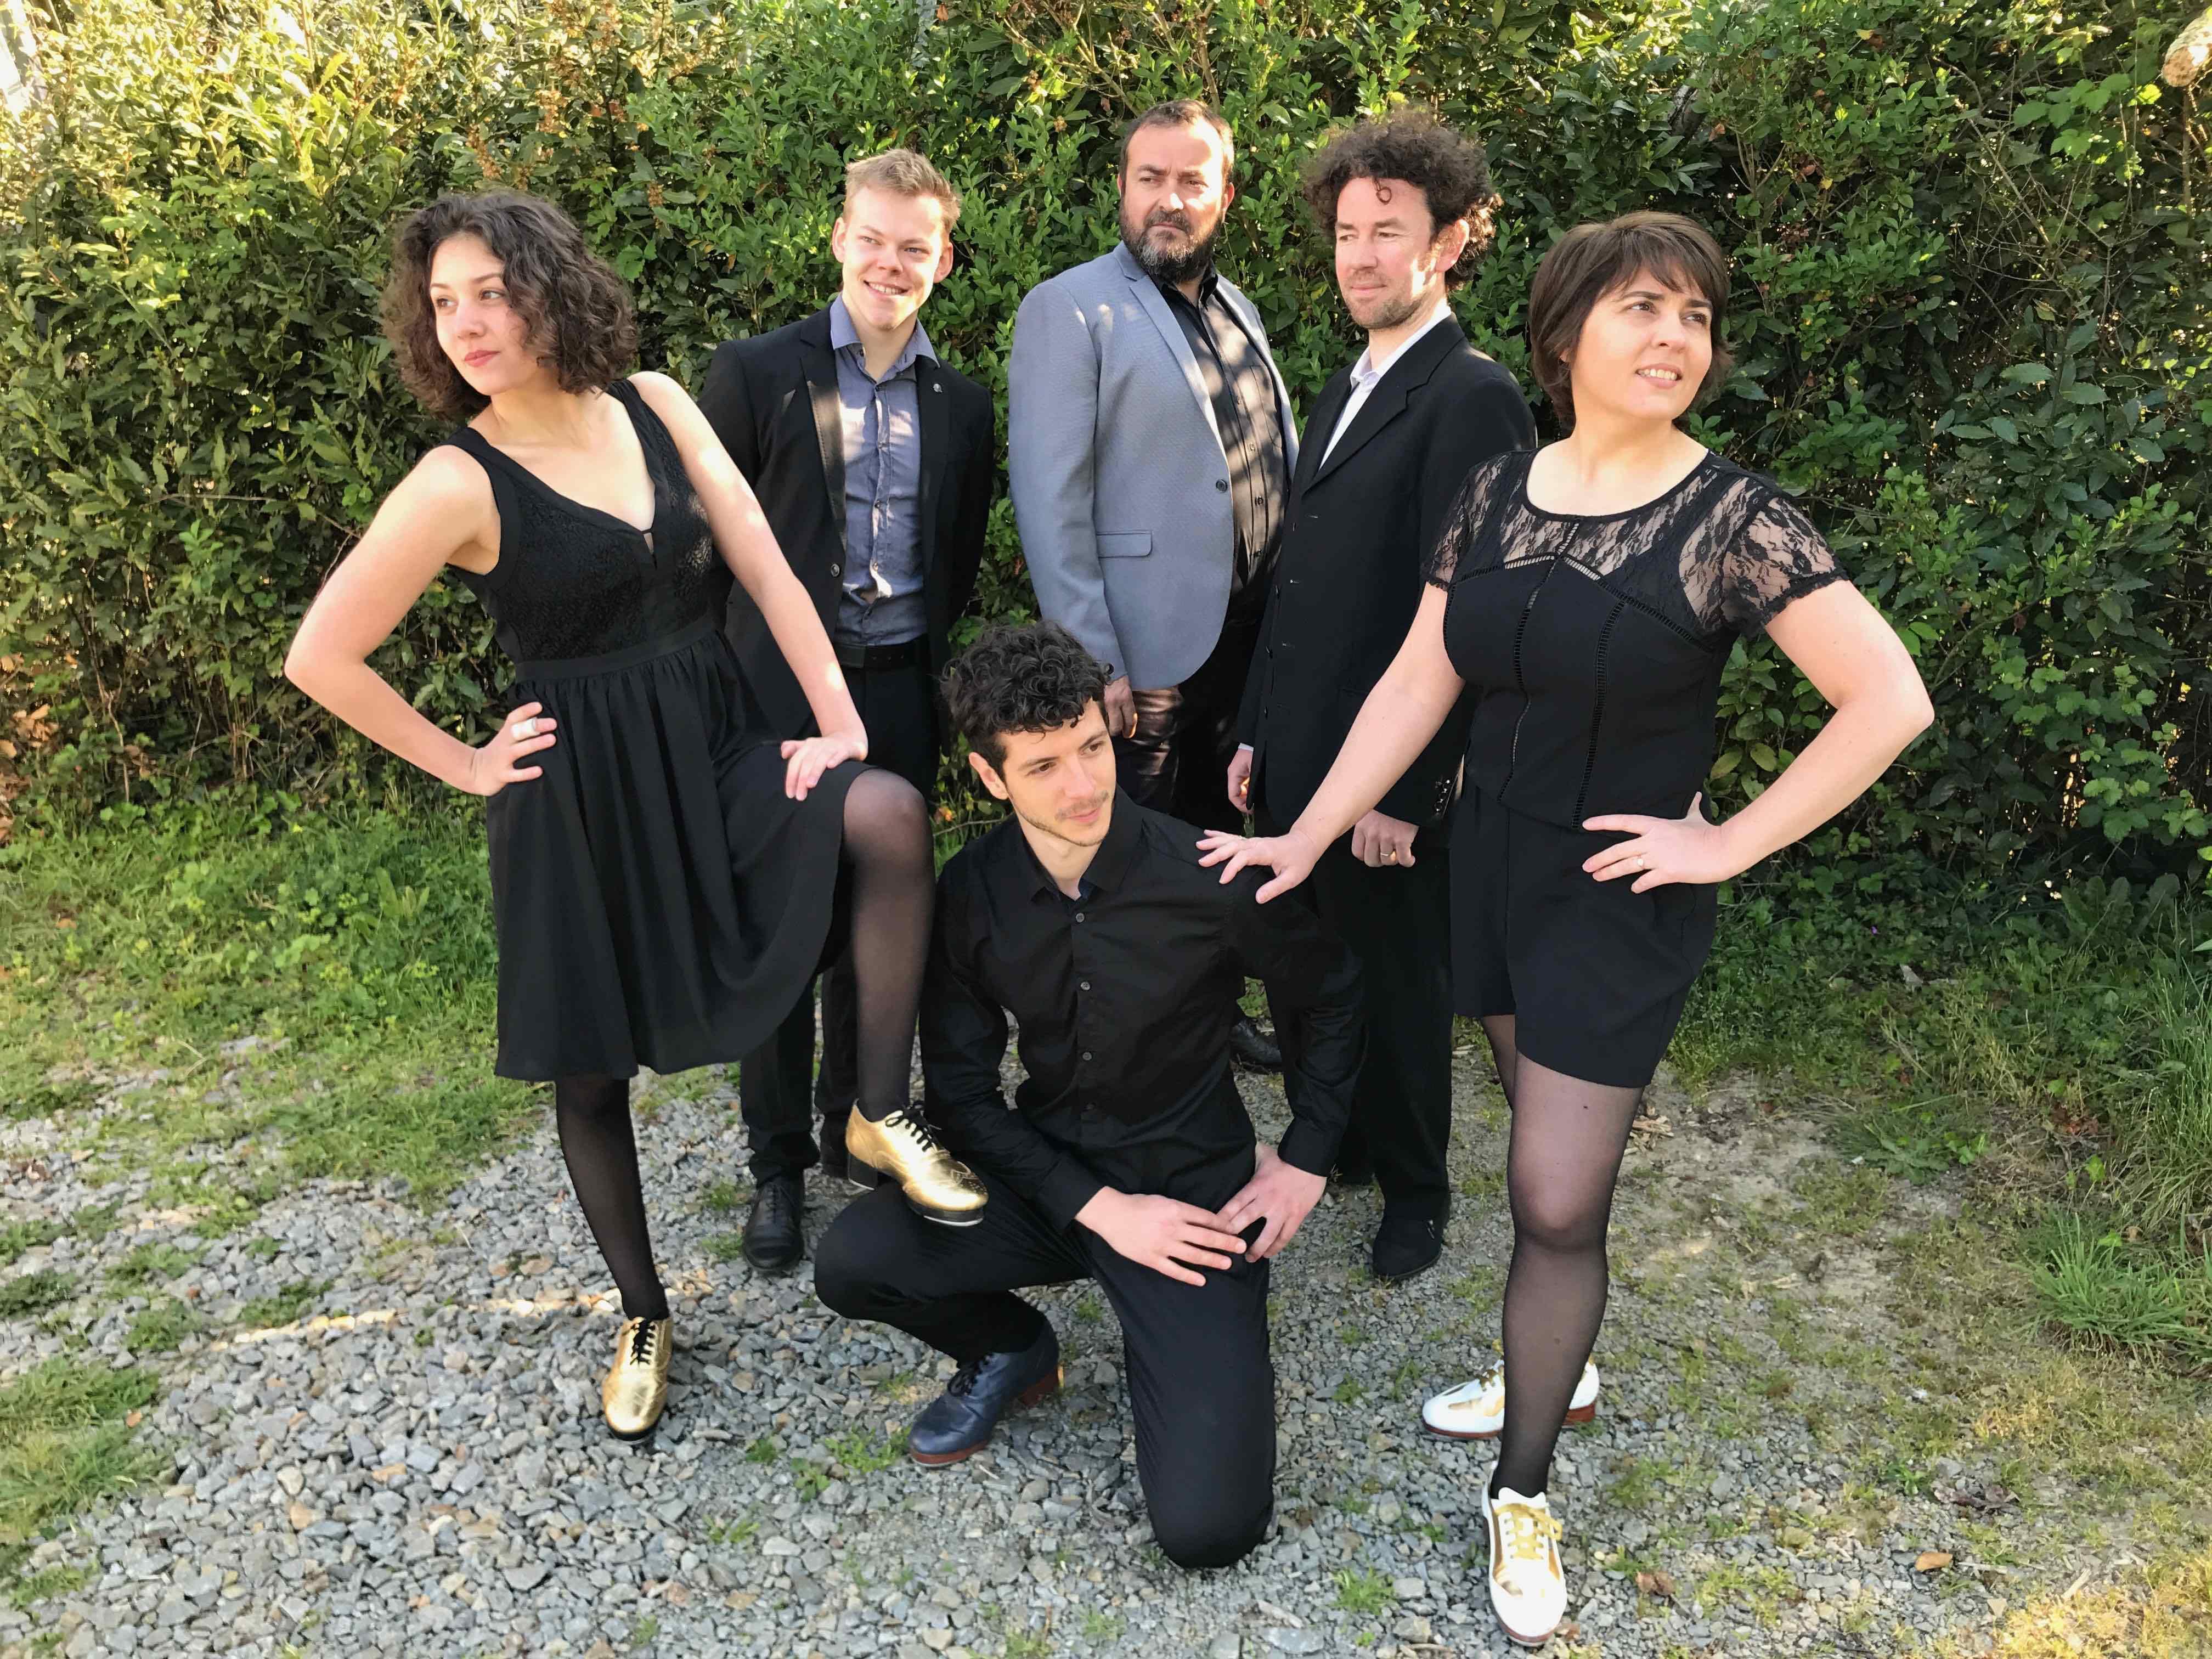 Tap Jazz Makers - le spectacle proposé par Sandrine Gautier - les Claquettes Associées